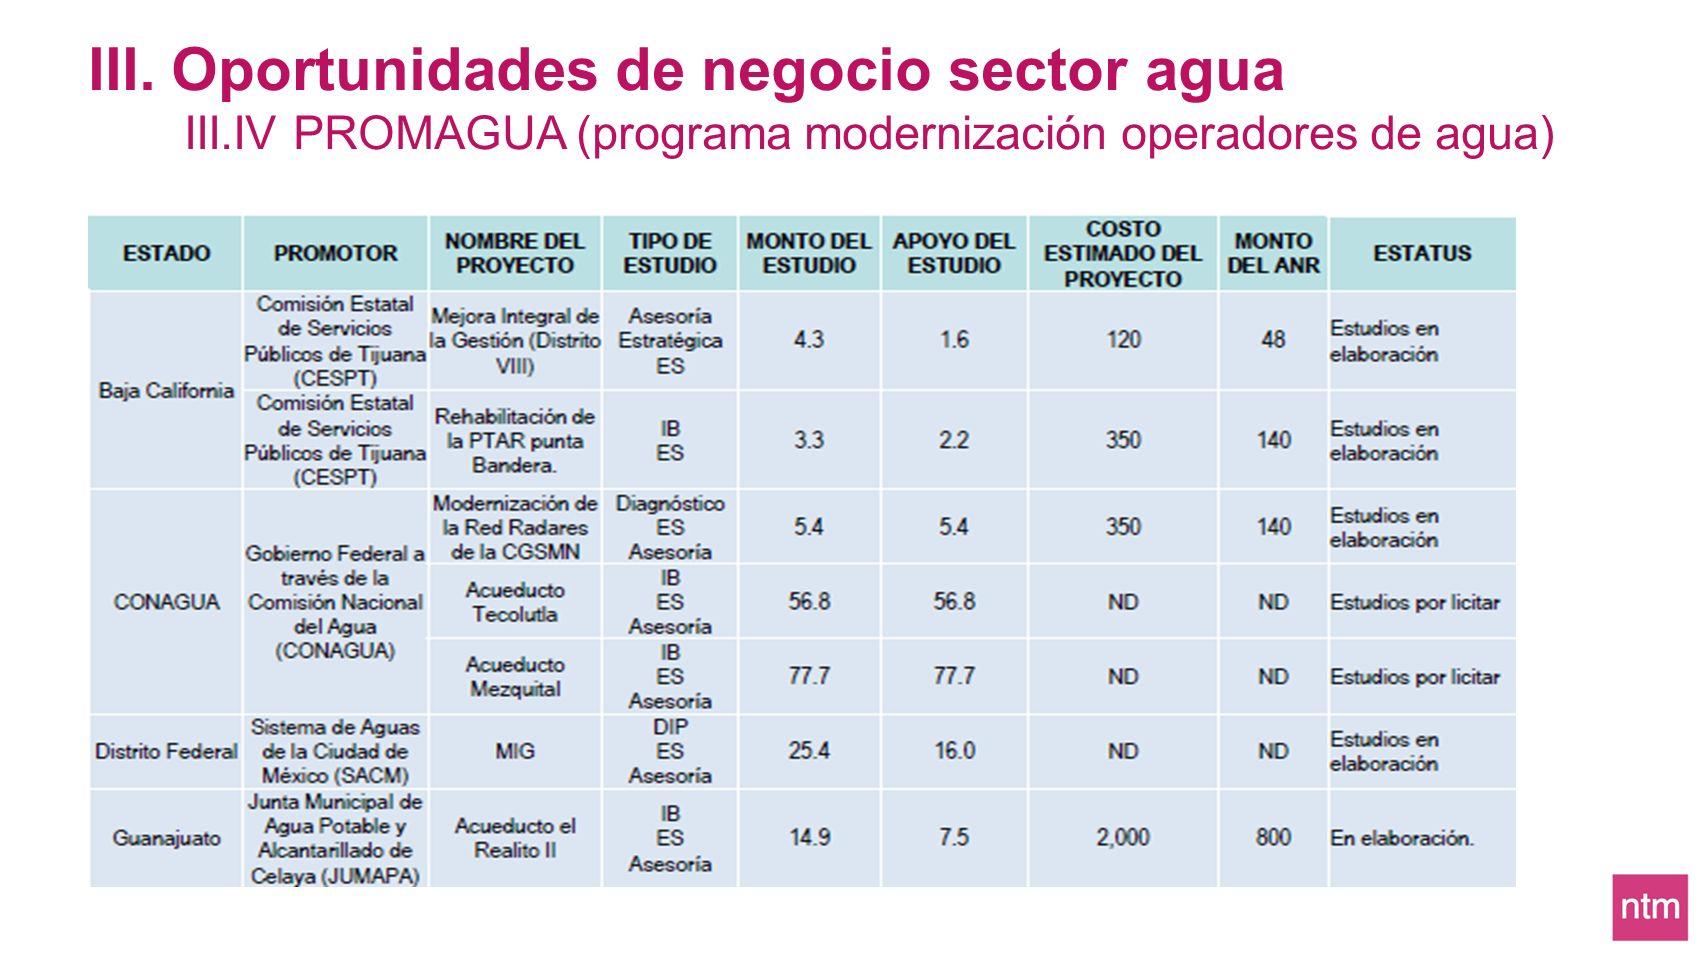 III. Oportunidades de negocio sector agua III.IV PROMAGUA (programa modernización operadores de agua)